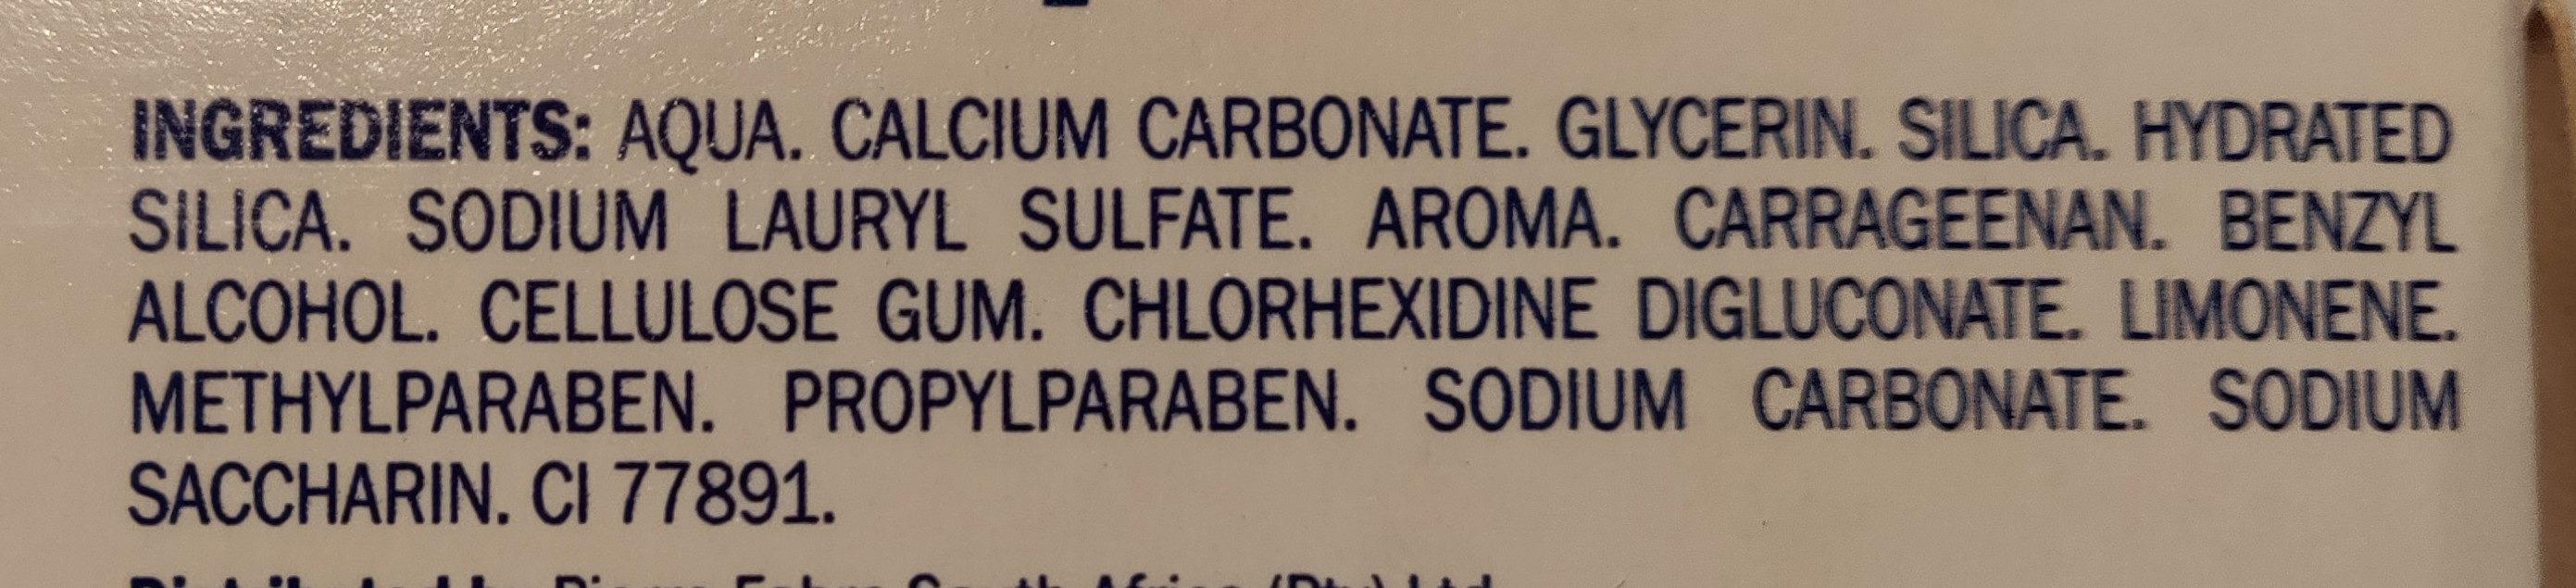 Elgydium Toothpaste Calcium Carbonate - Chlorhexidine - Ingredients - en